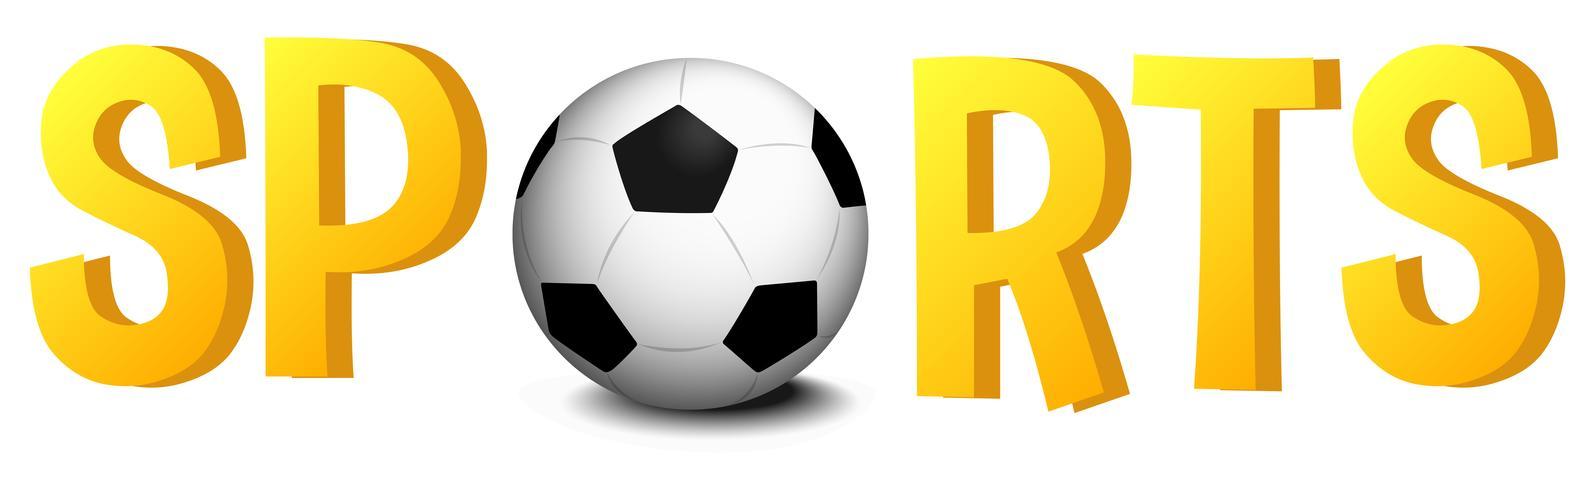 Diseño de fuente con palabra deportes con balón de fútbol.